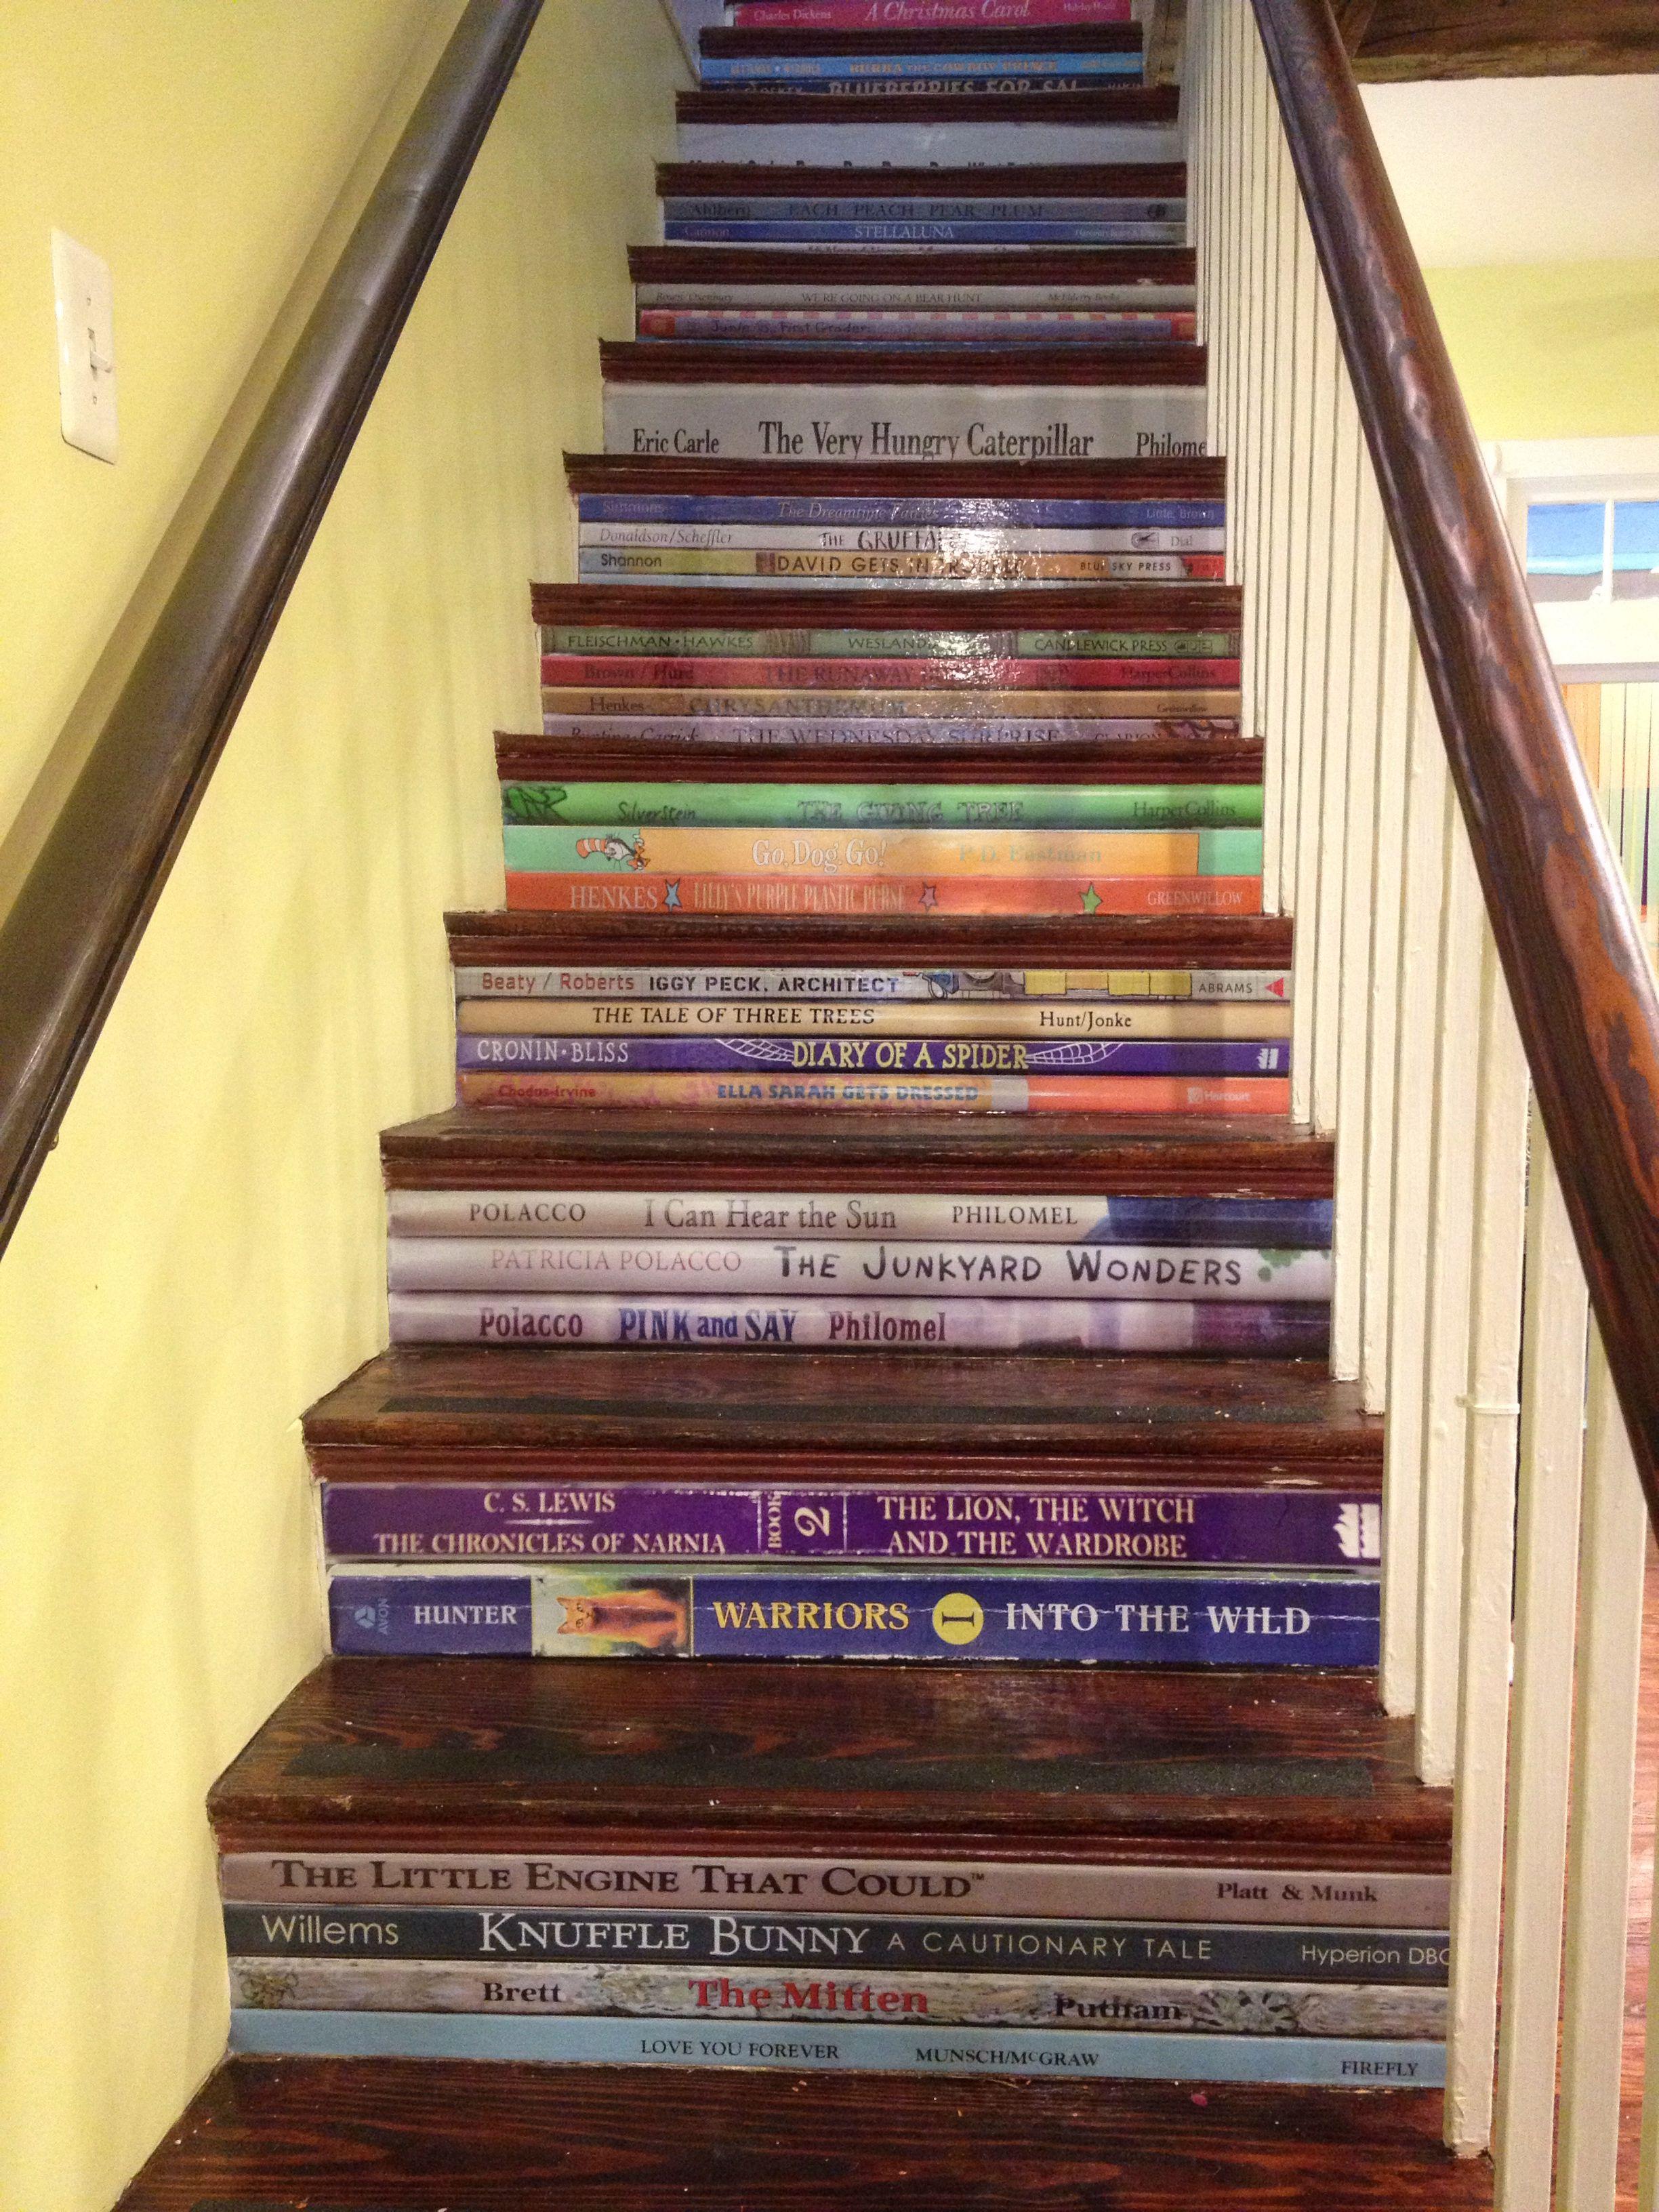 Diy steps book spine titles stairway art stairway to heaven hygge